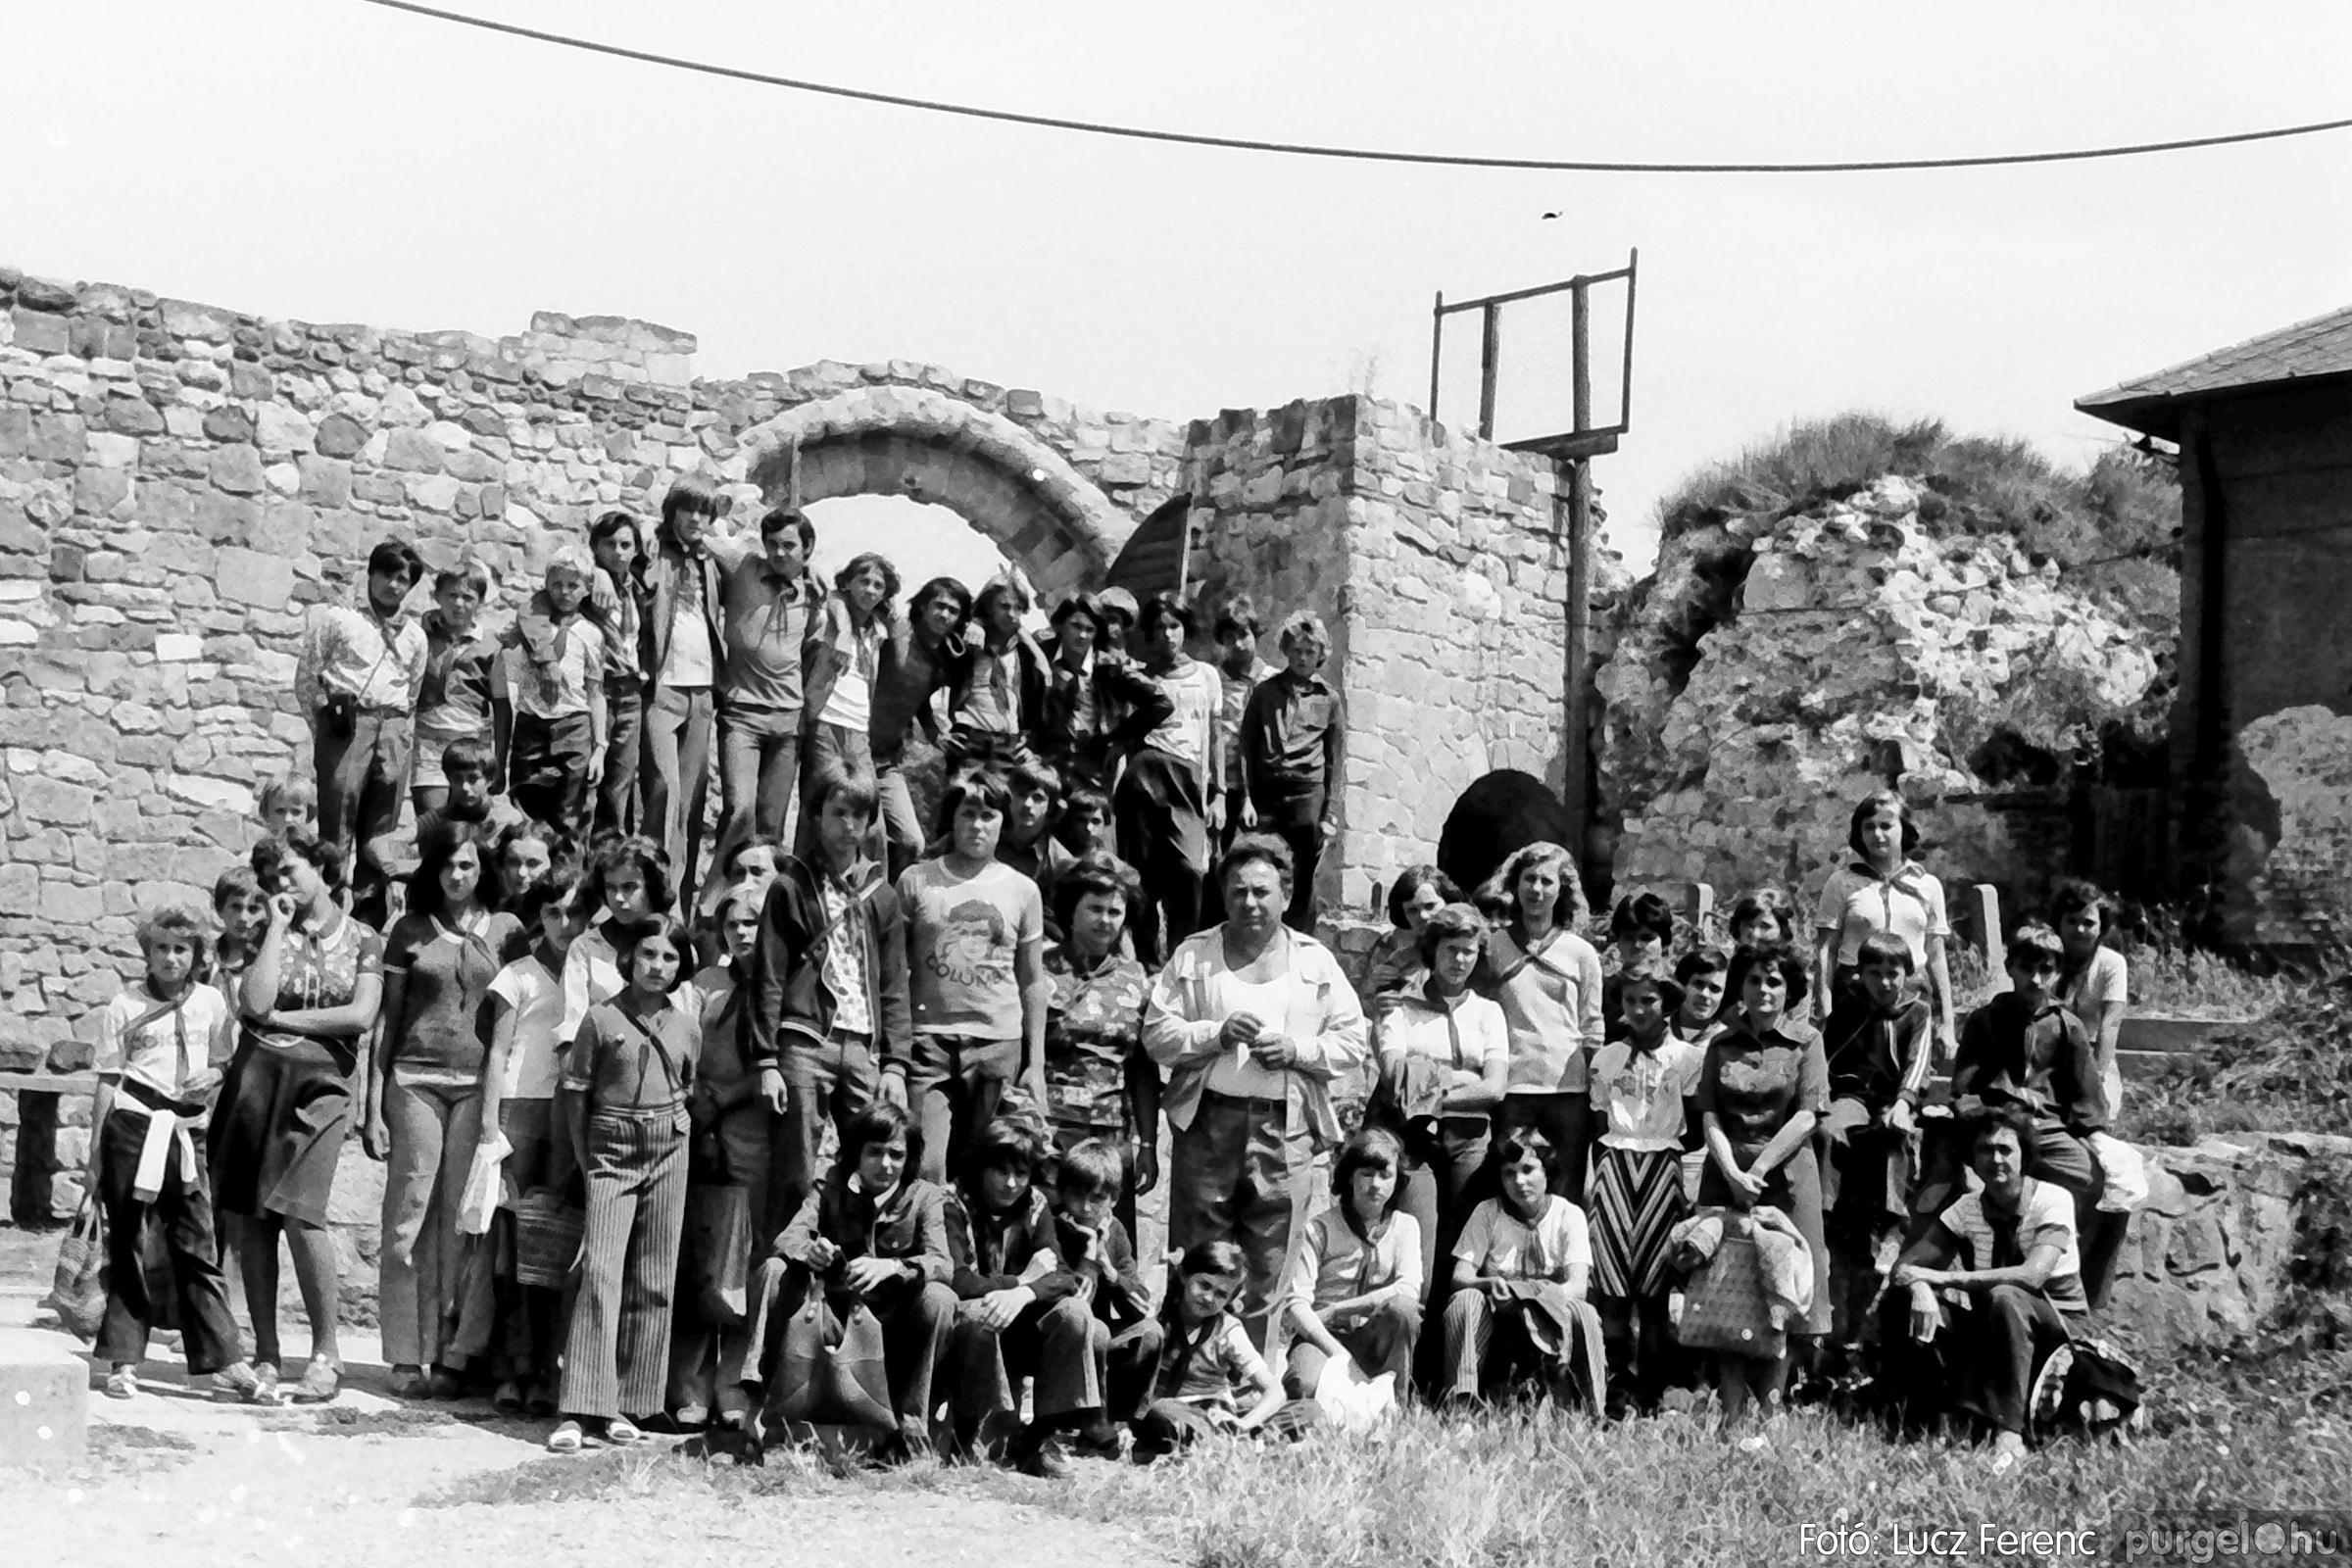 086, 088. 1977. Nyári tábor a Mátrában 028. - Fotó: Lucz Ferenc.jpg